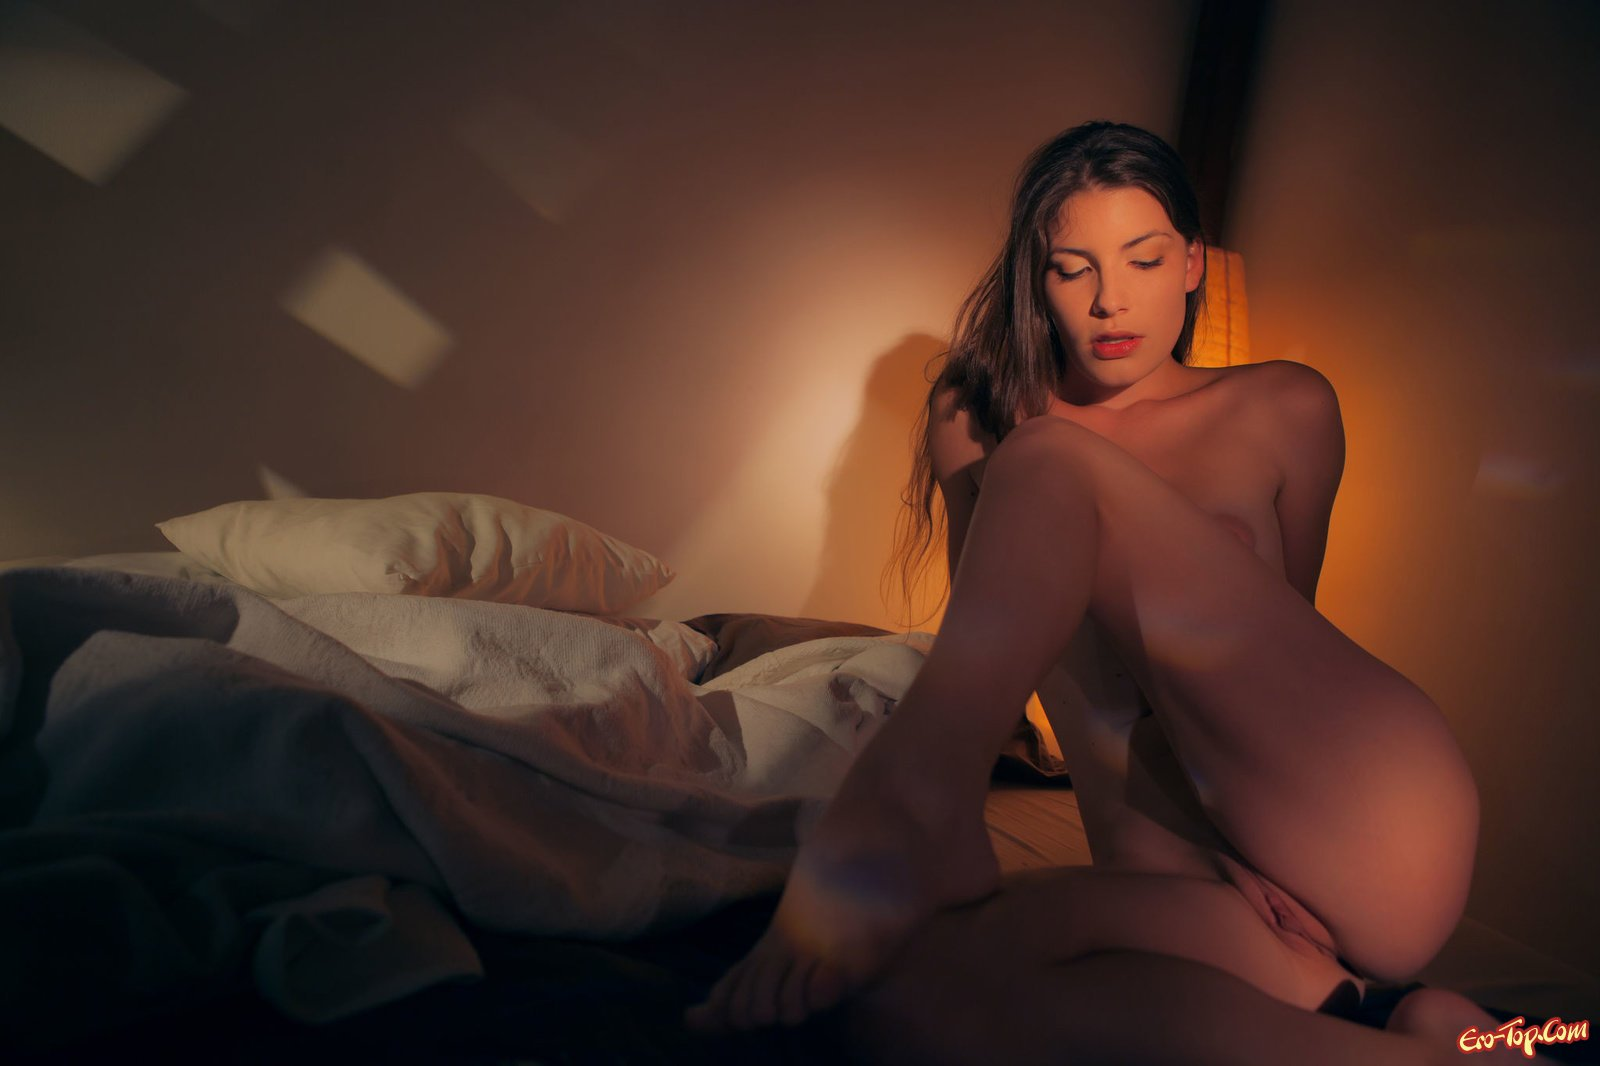 Обнаженная сучка блистает грудь сидя в кровати